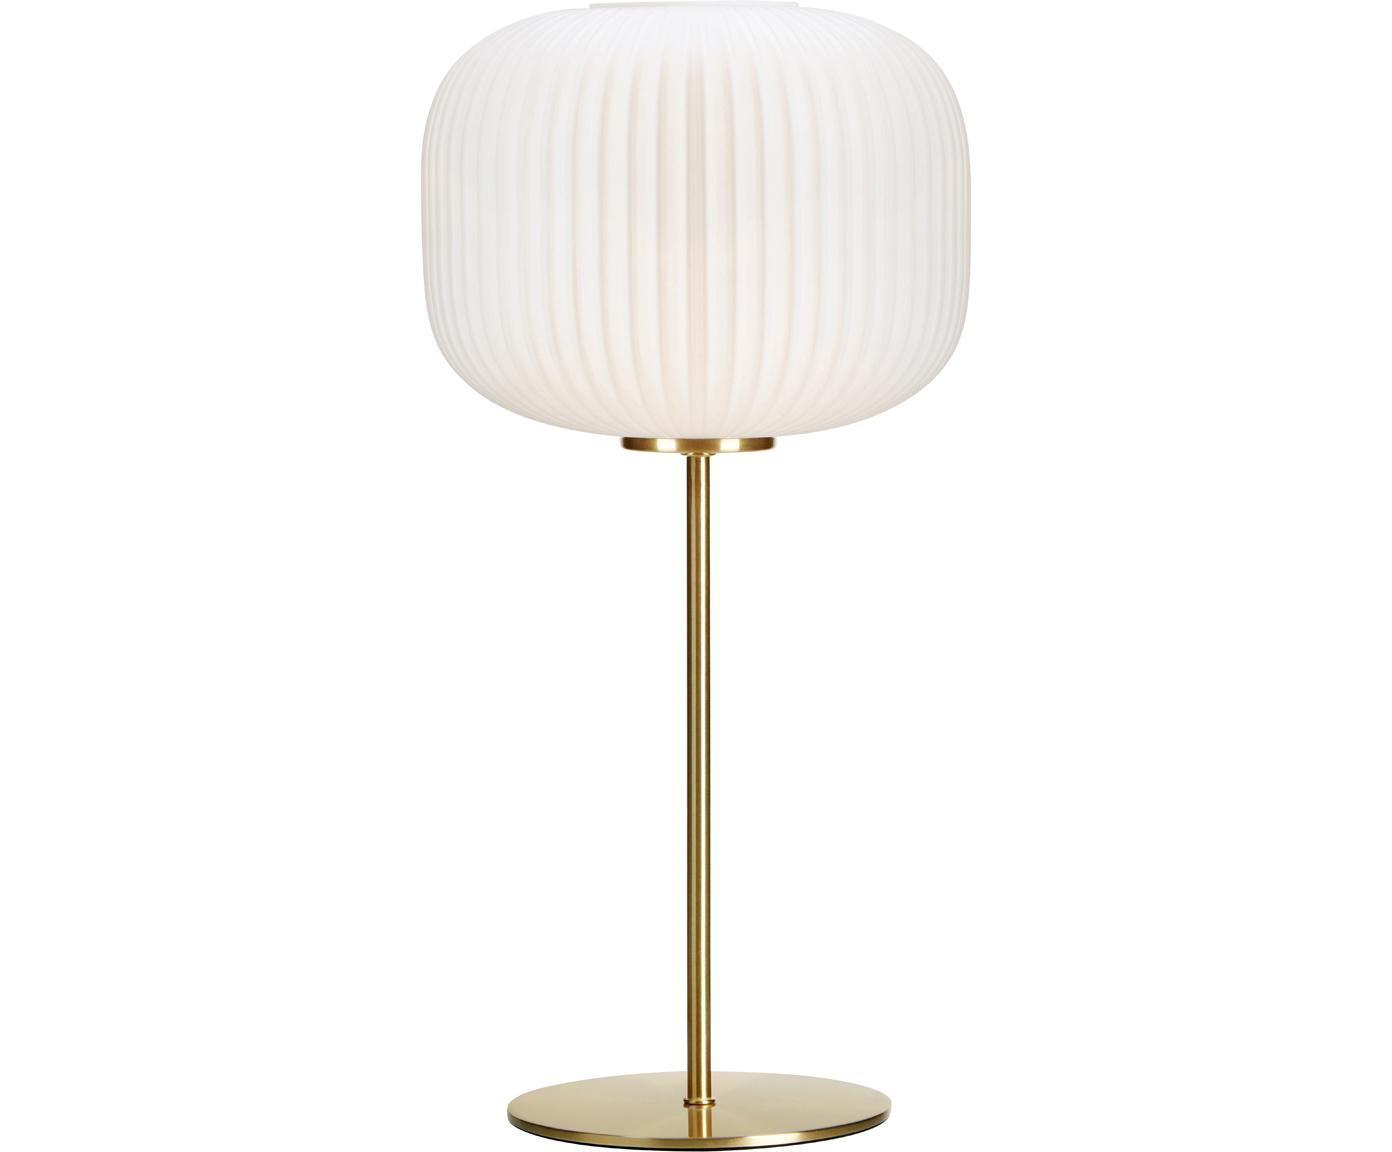 Lampada da tavolo Sober, Vetro, metallo, spazzolato, Bianco, ottonato, Ø 25 x Alt. 50 cm